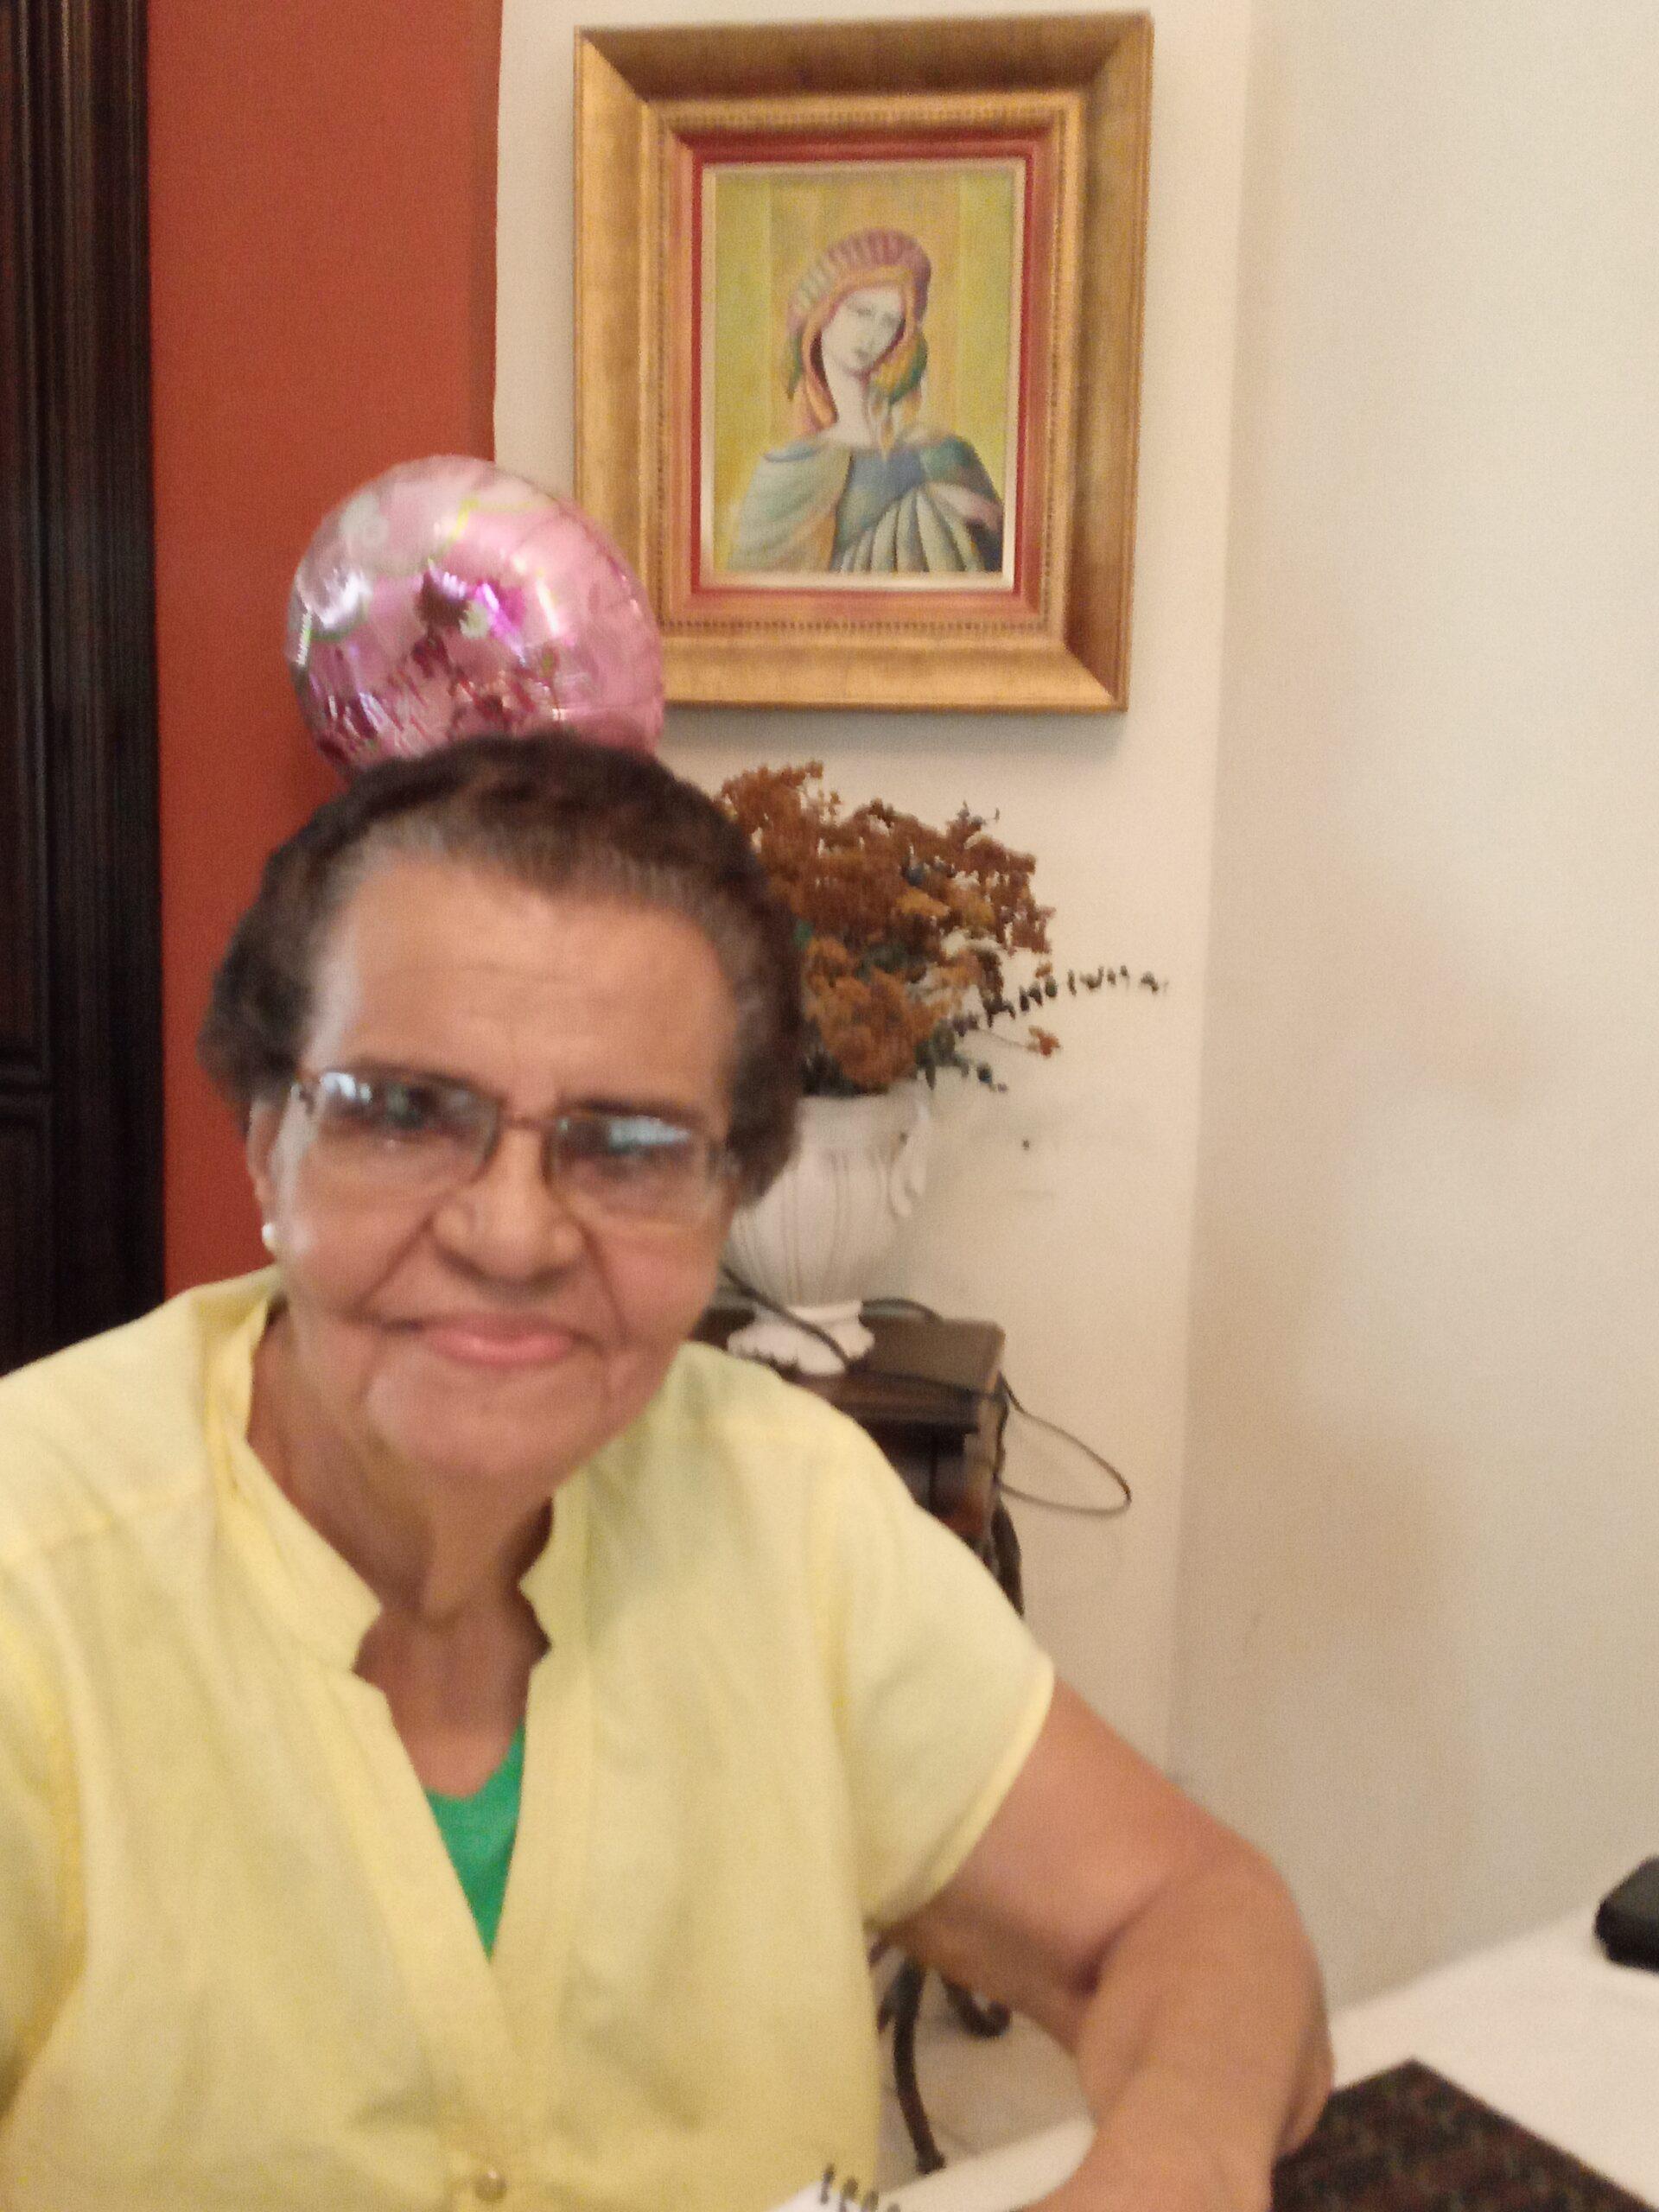 Reflexiones de una hondureña (88 años)